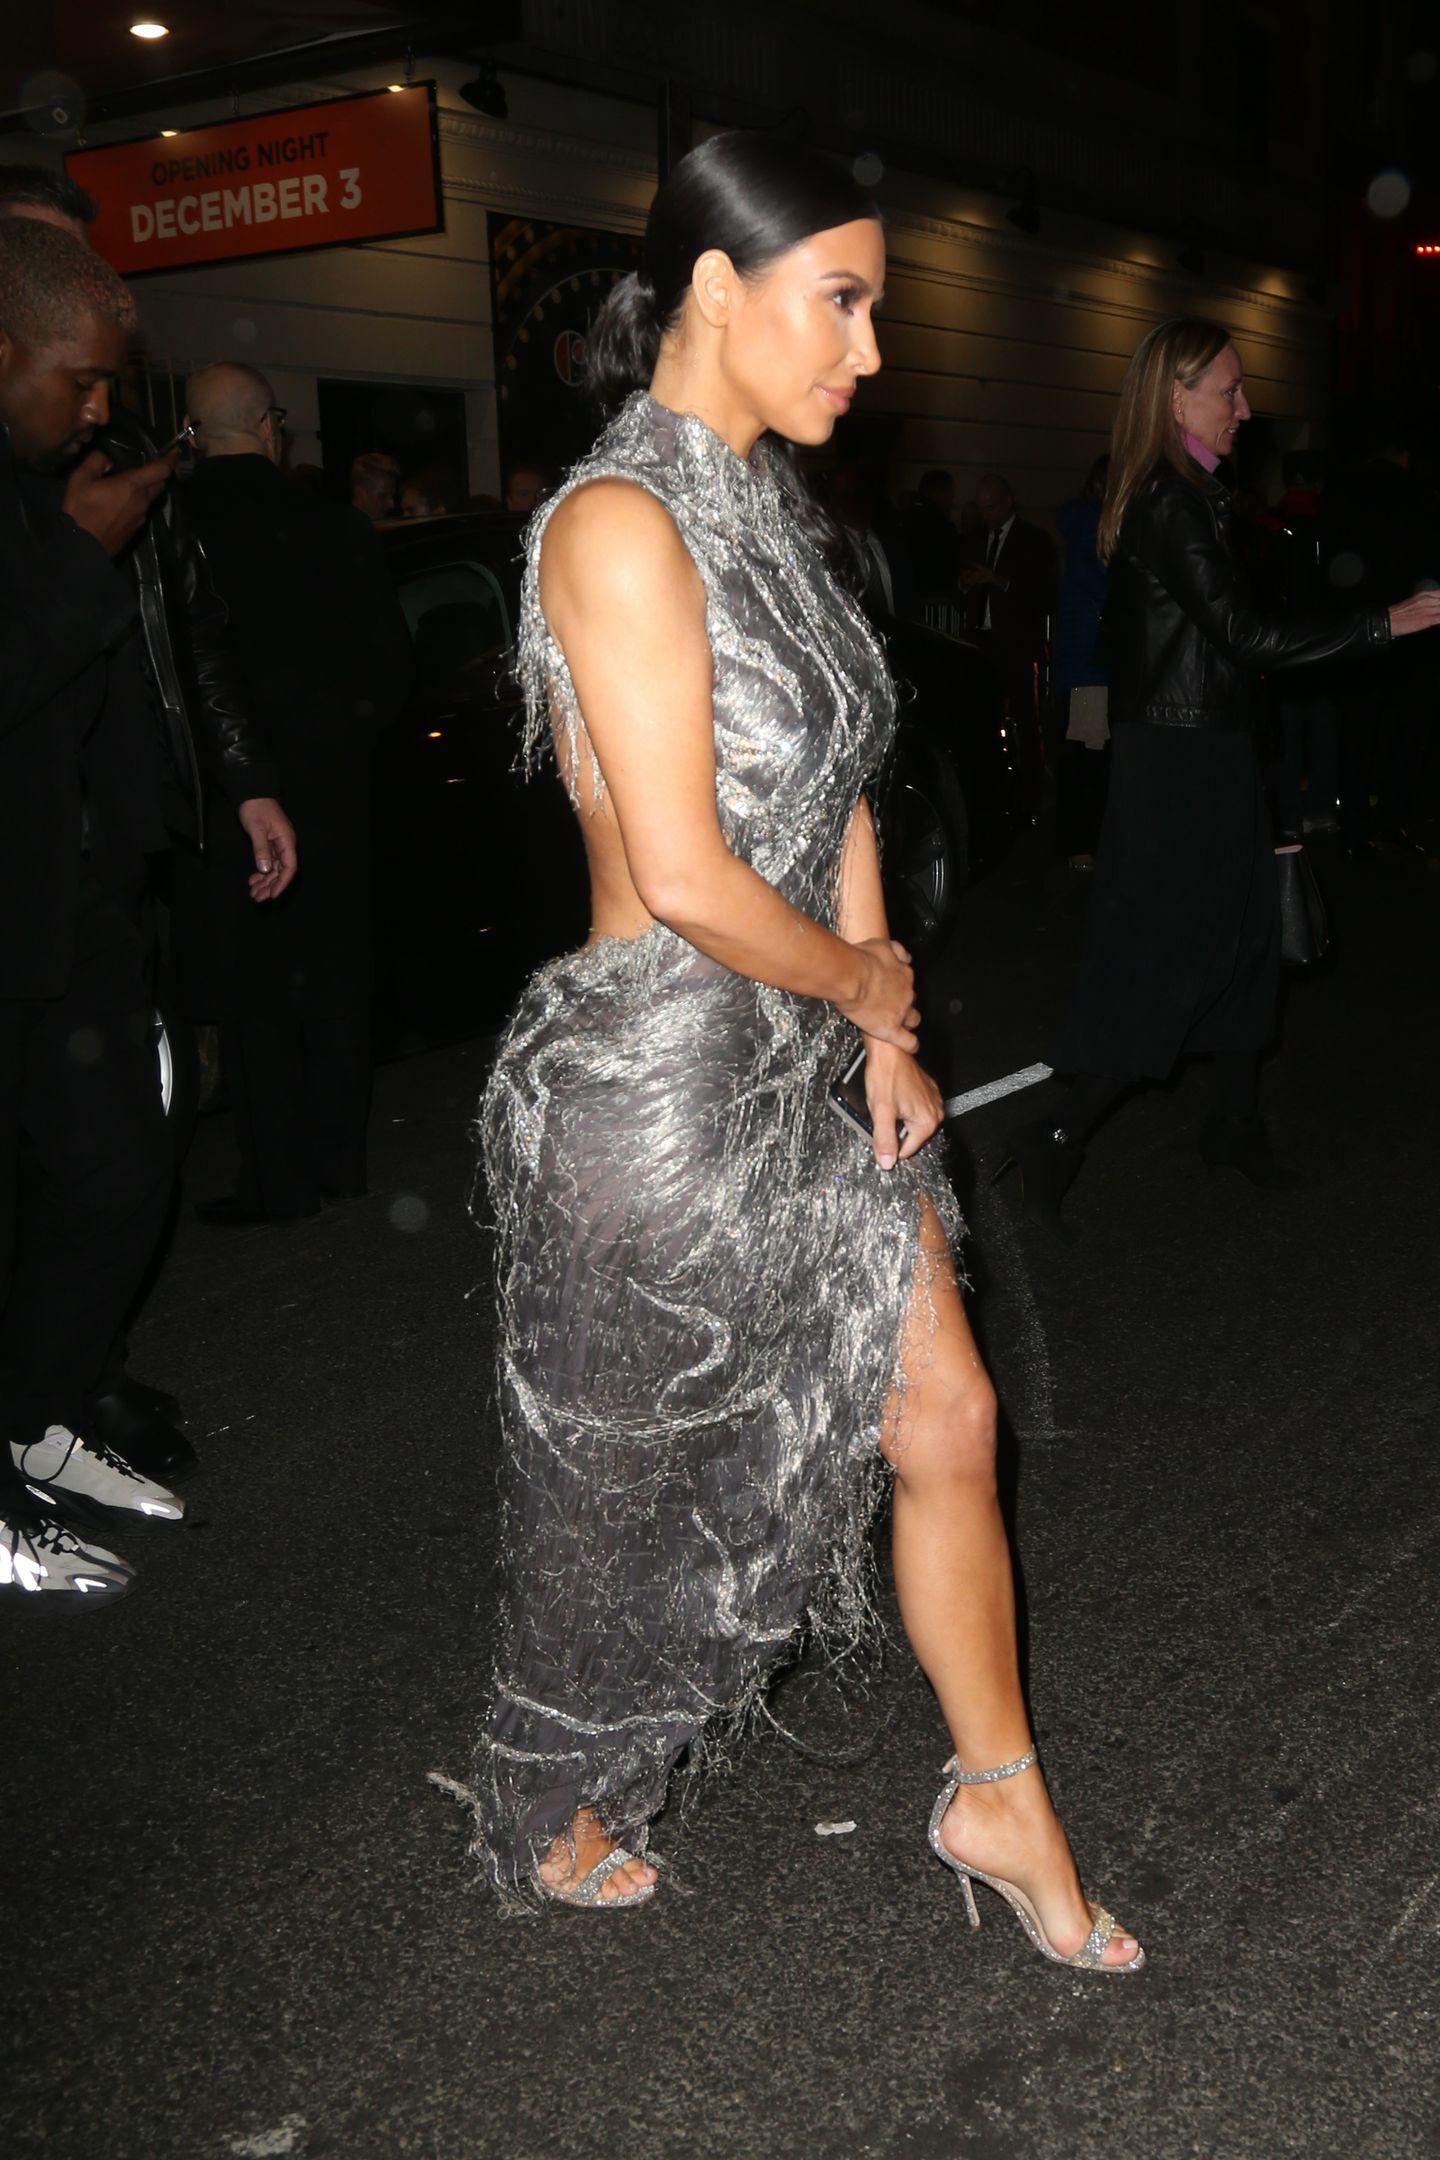 Auf dem Weg zu einem Event in New York zeigt sich Kim Kardashian in einem silbernen Kleid. Obwohl es vorne hochgeschlossen ist, zeigt es am Rücken, an den Seiten und am Bein viel Haut. Zu viel vielleicht?